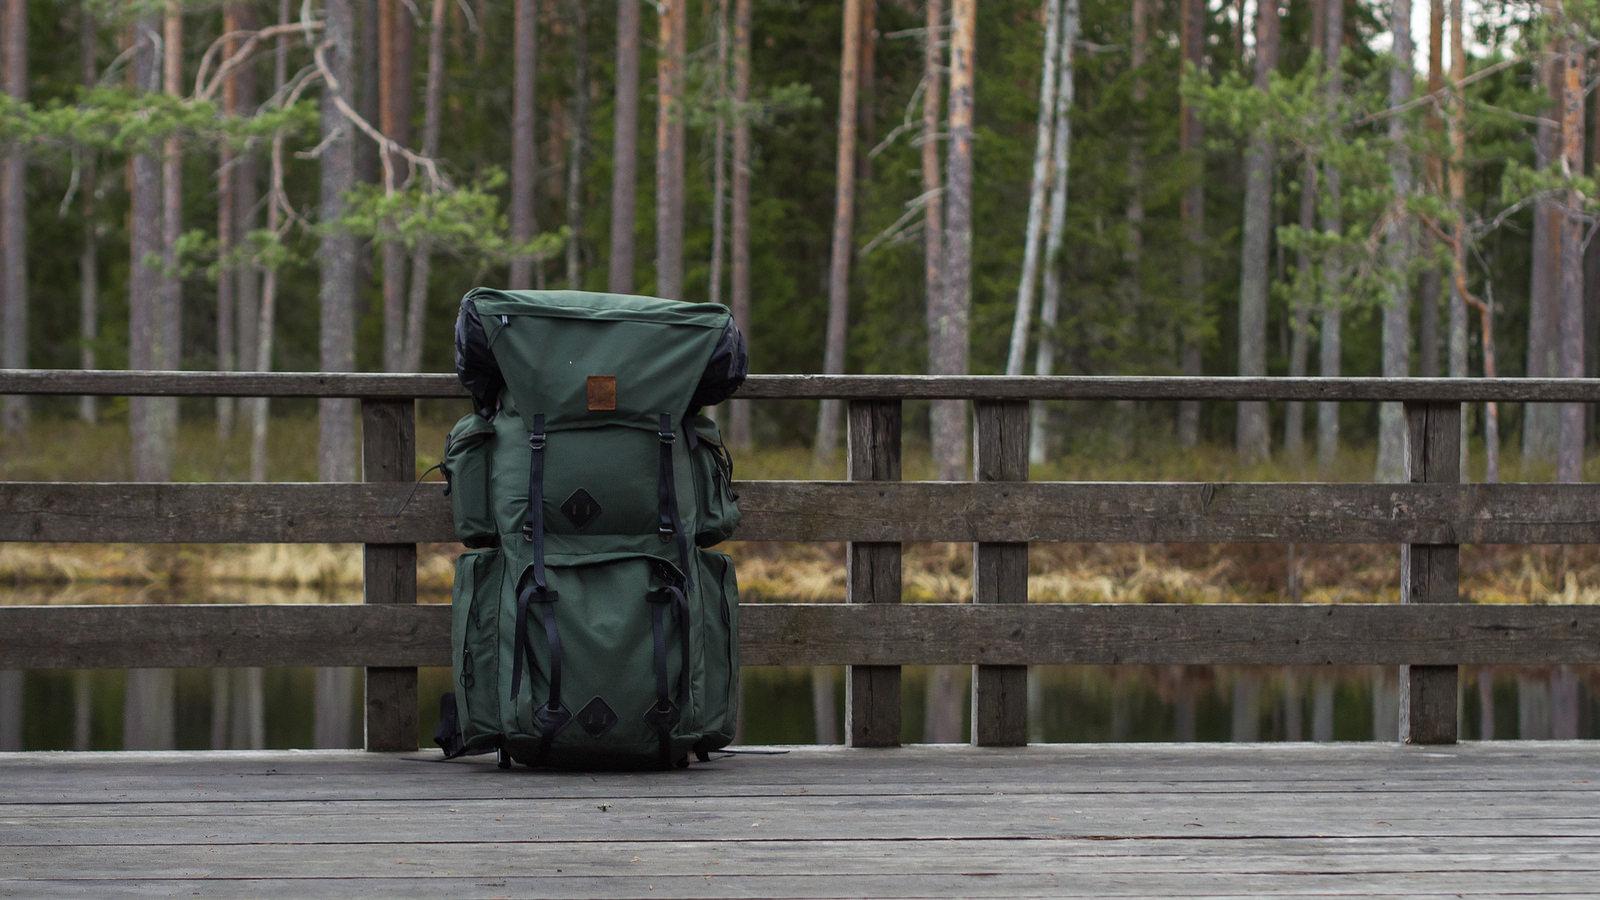 Dicas de viagem para não passar apuros - Marque sua bagagem como frágil